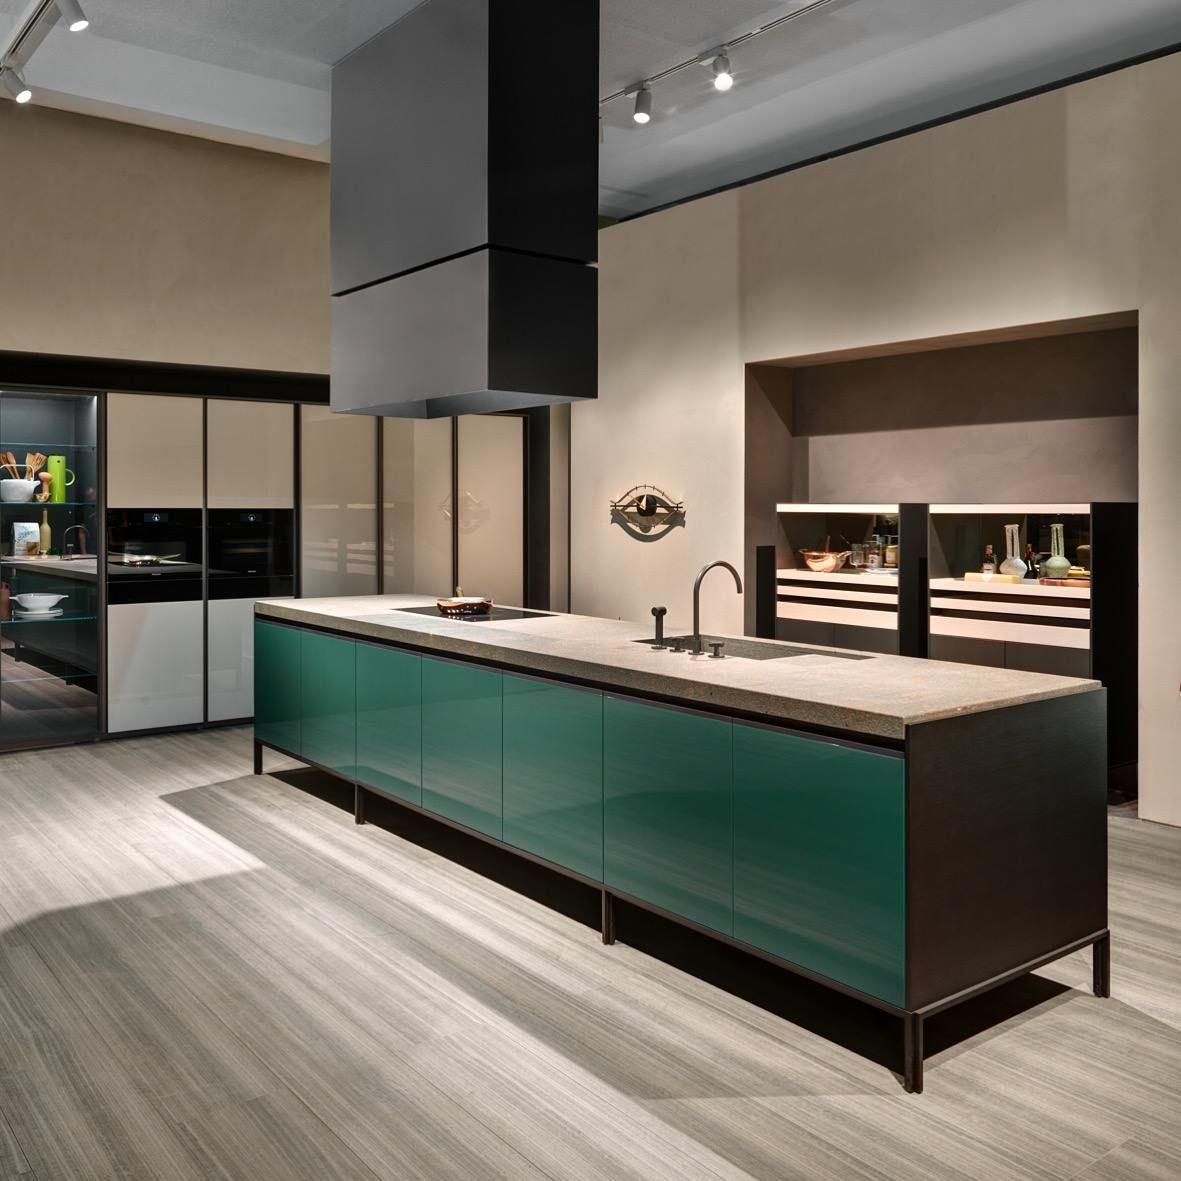 Best Kitchen Appliances Luxury Kitchens Designer  Custom Extraordinary Best Kitchen Appliances Review